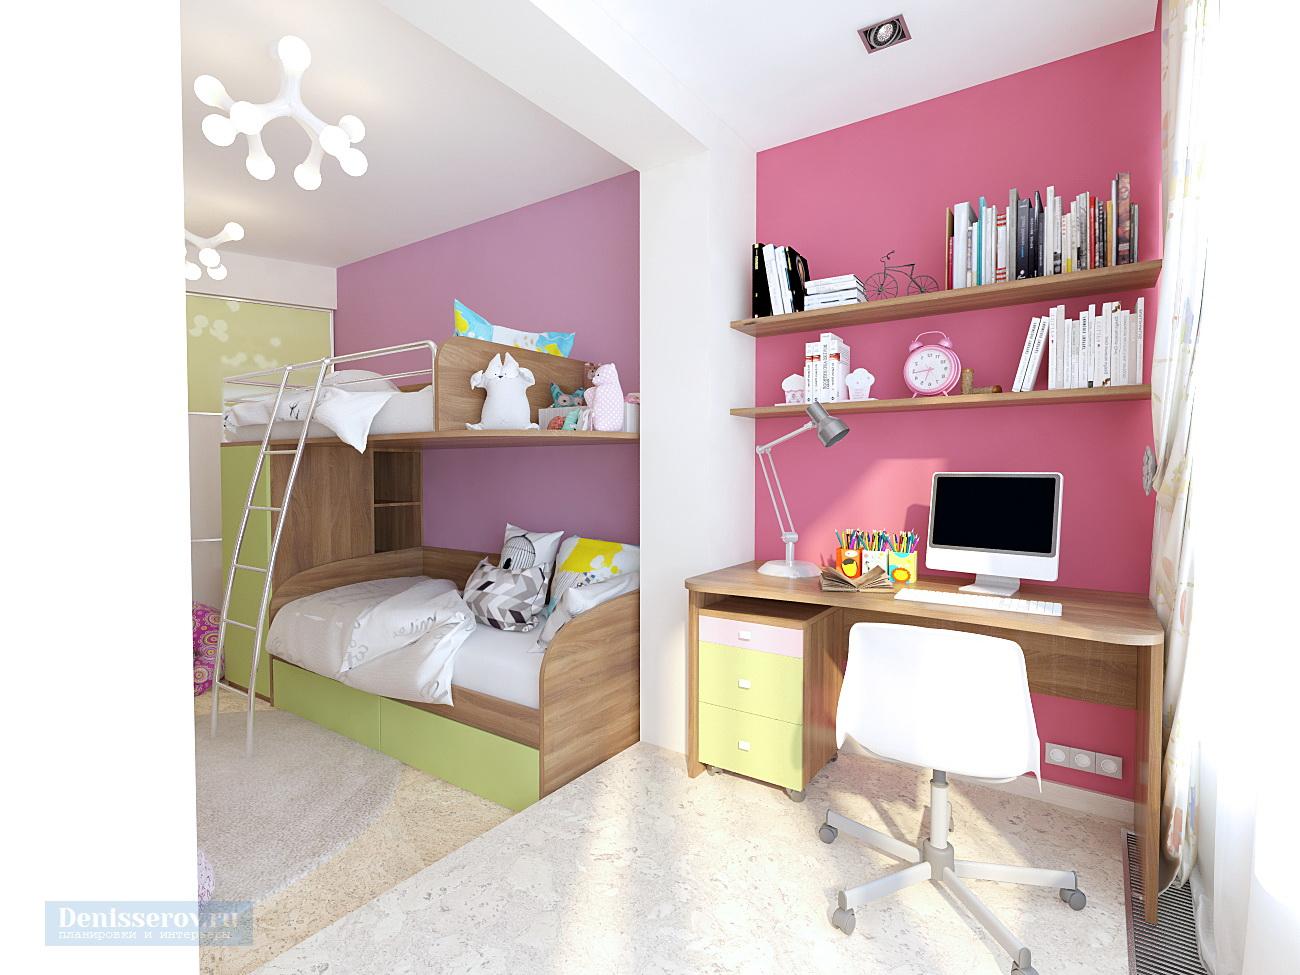 Дизайн проект детской 18 кв.м. для двух девочек